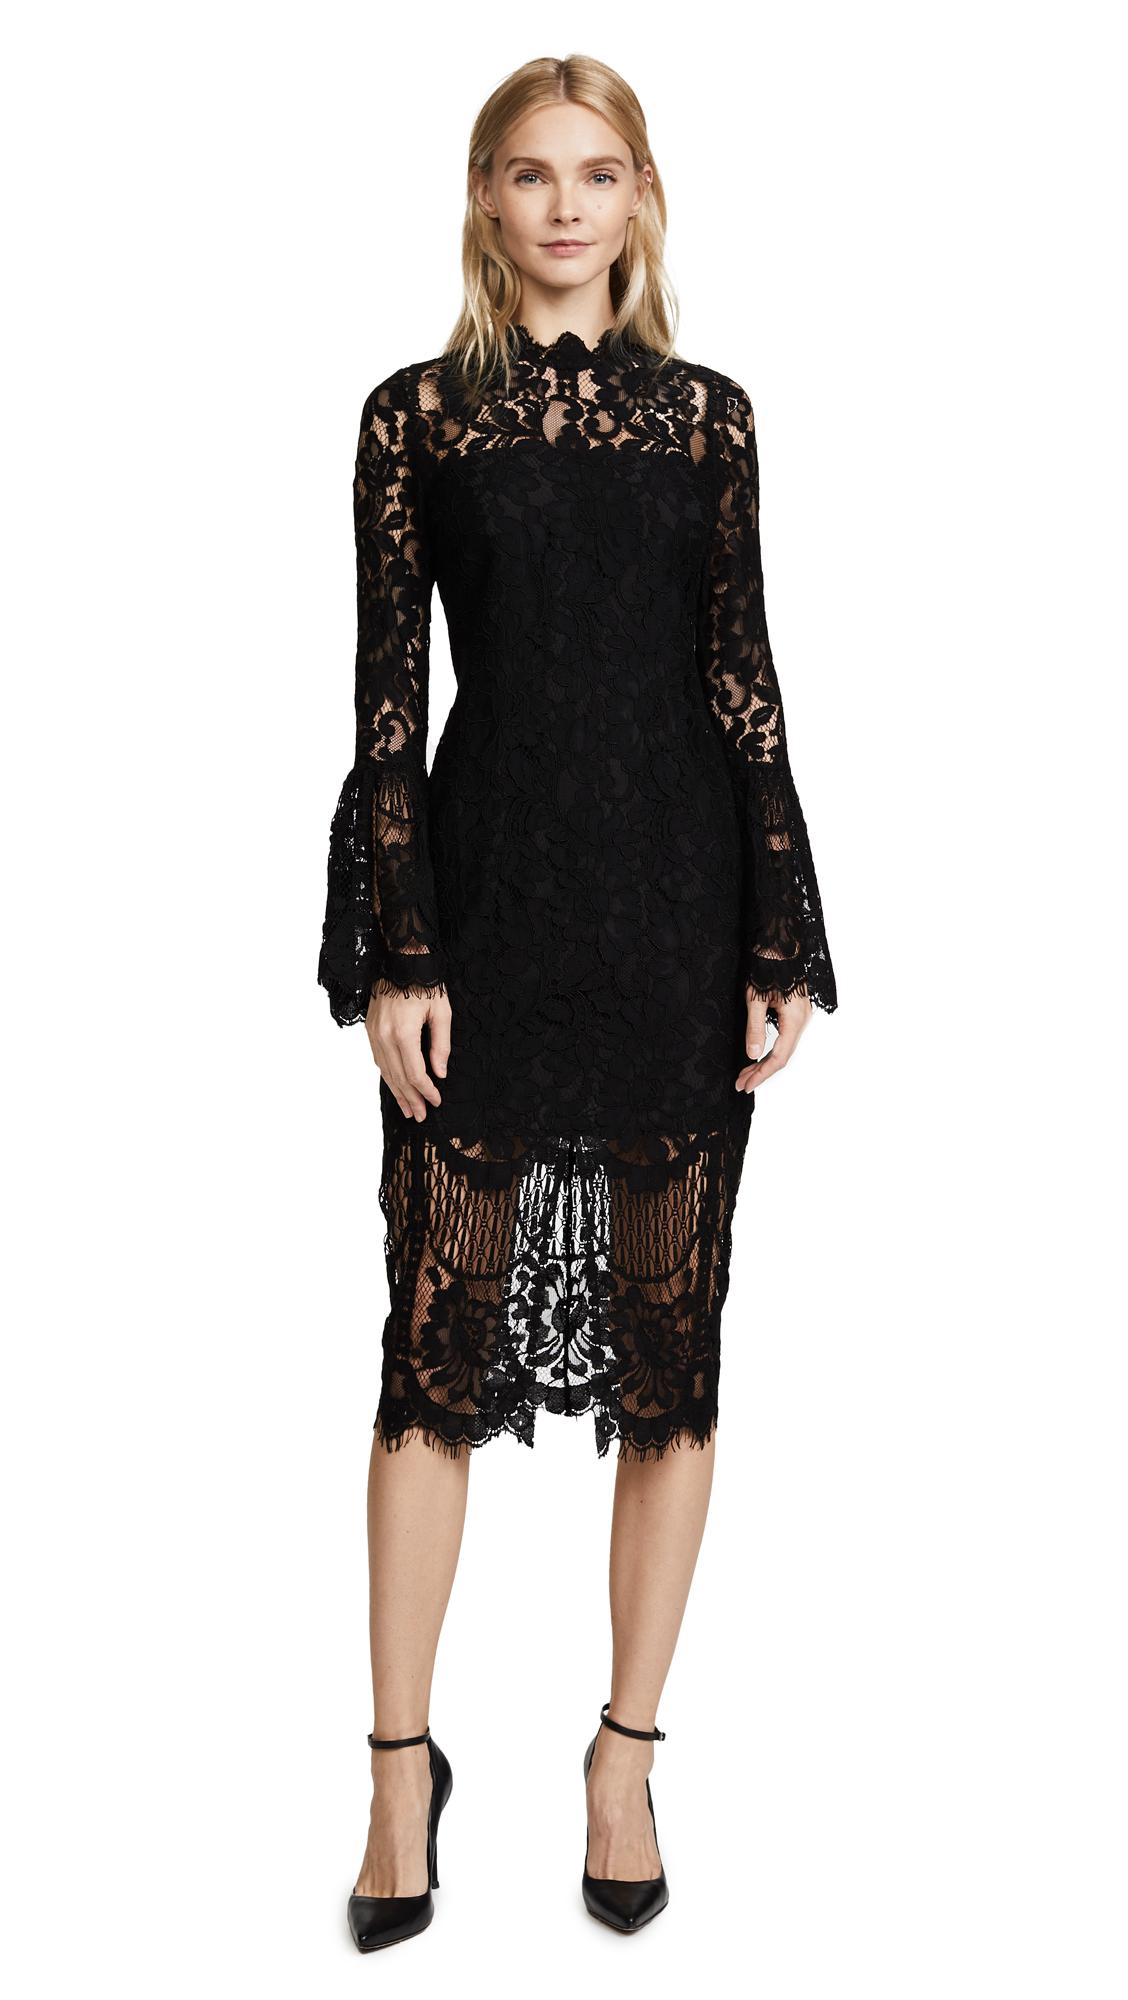 Yumi Kim Poetic Dress - Black